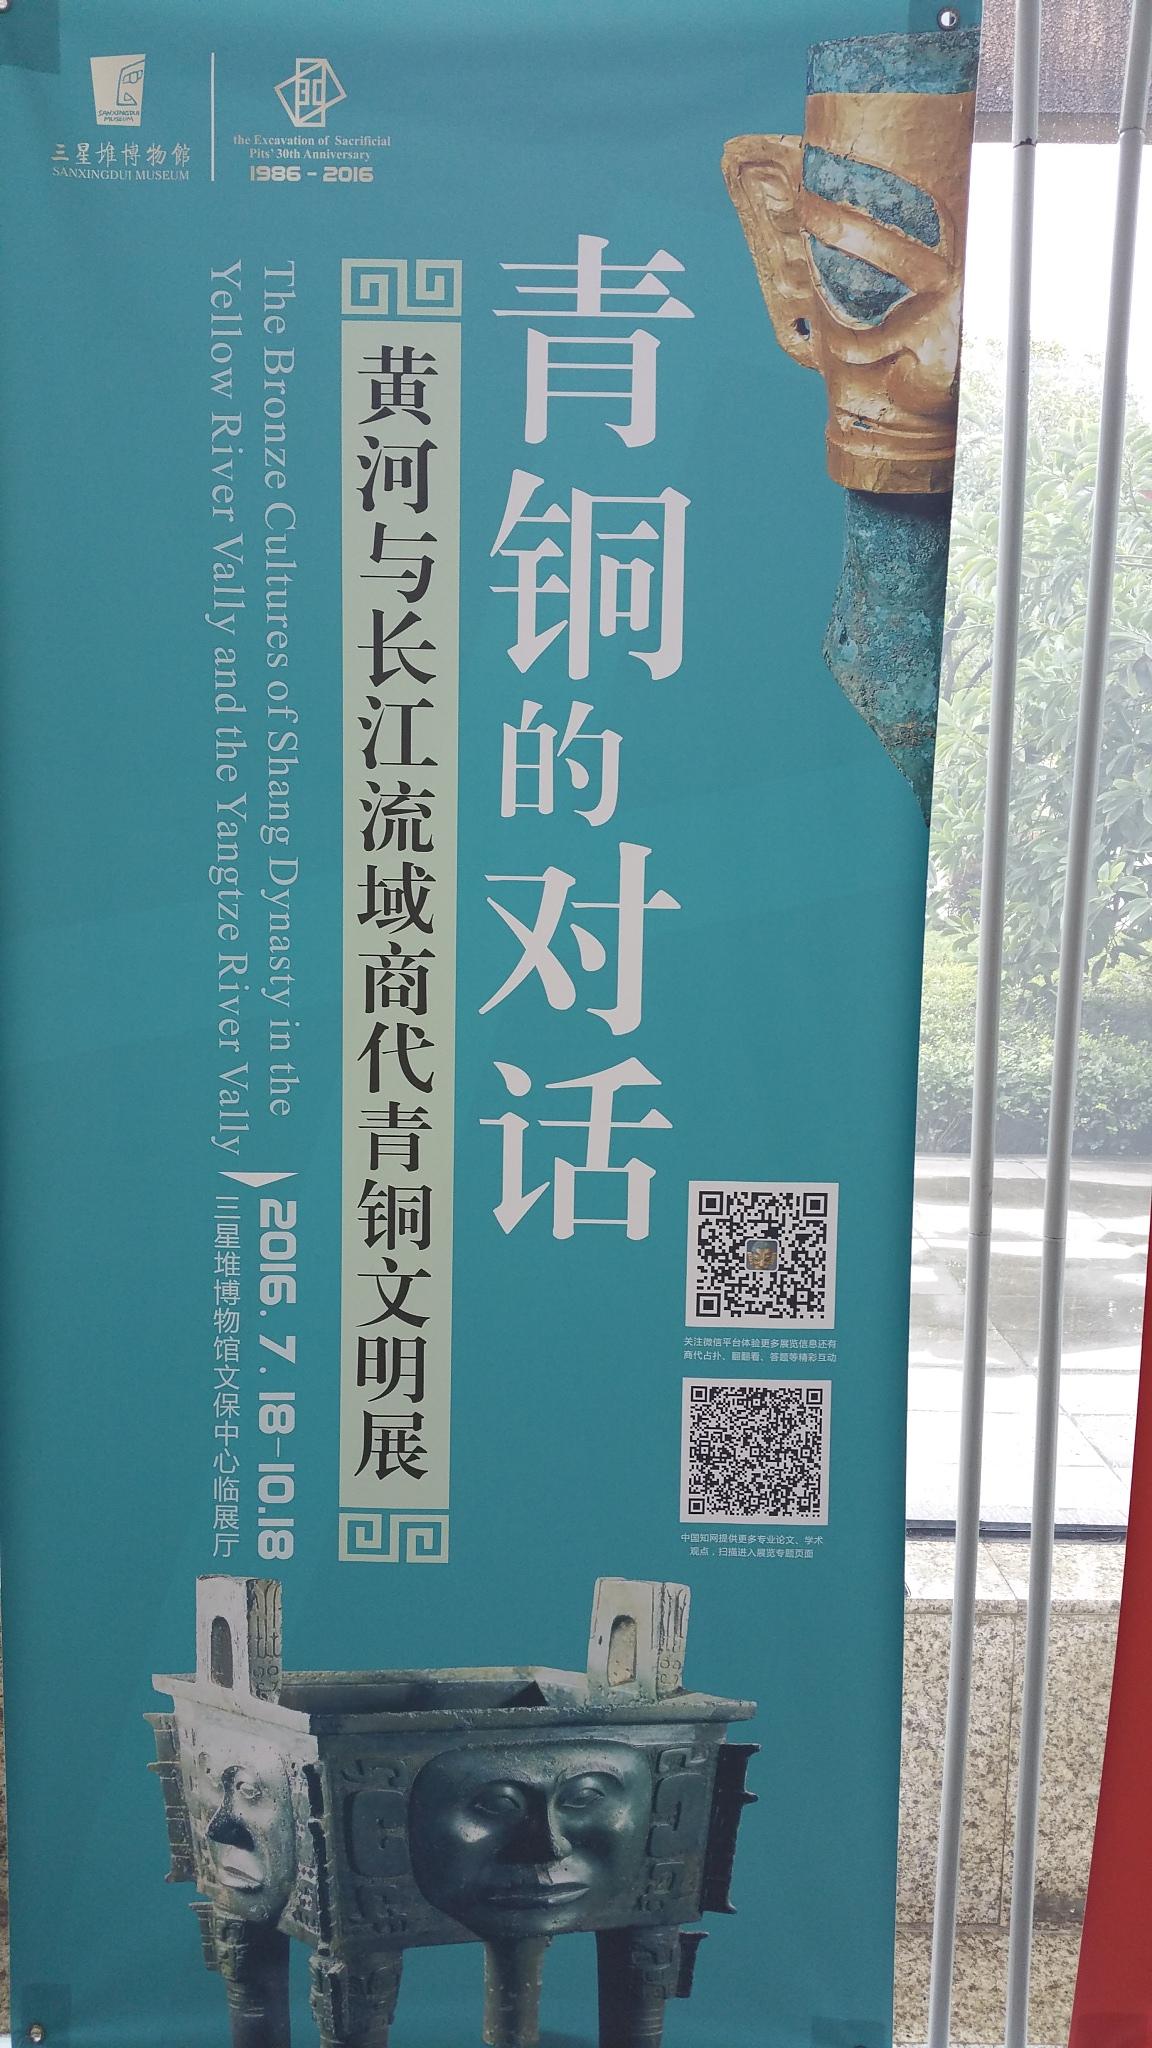 Informació en codis QR al museu de Sanxingdui